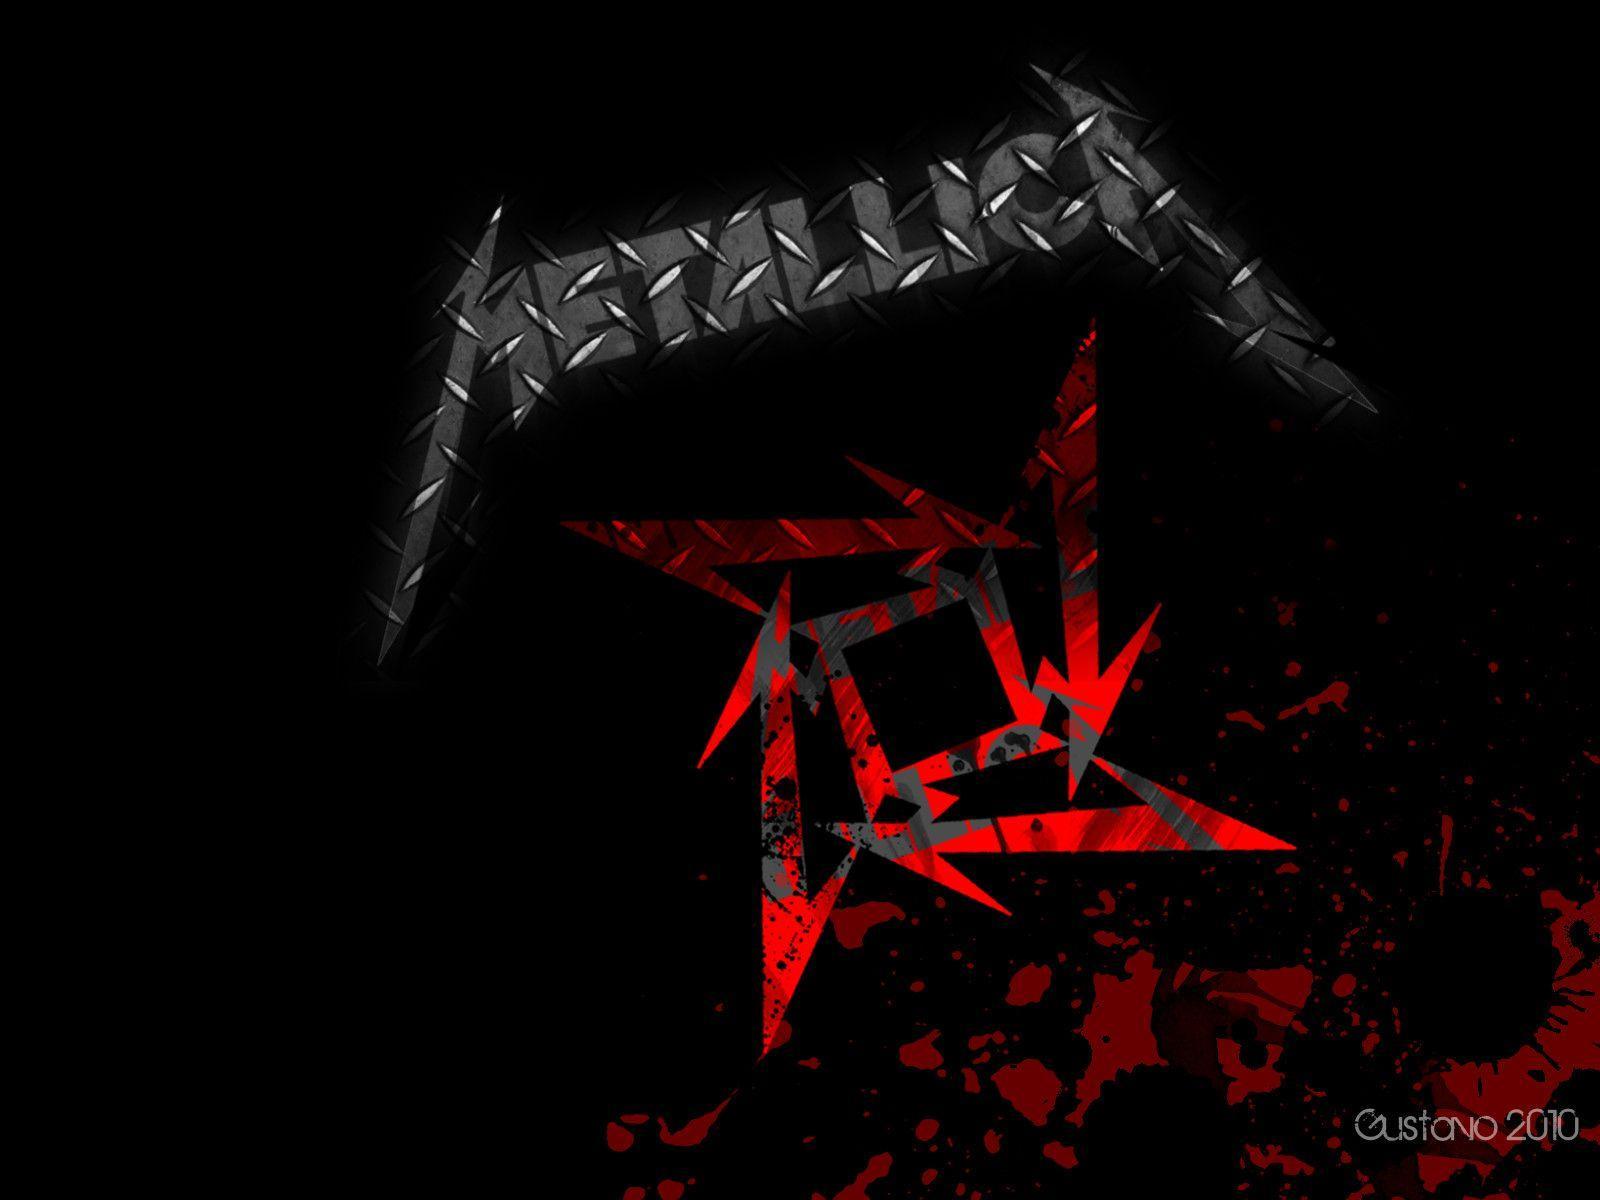 Metallica Wallpapers 1600x1200